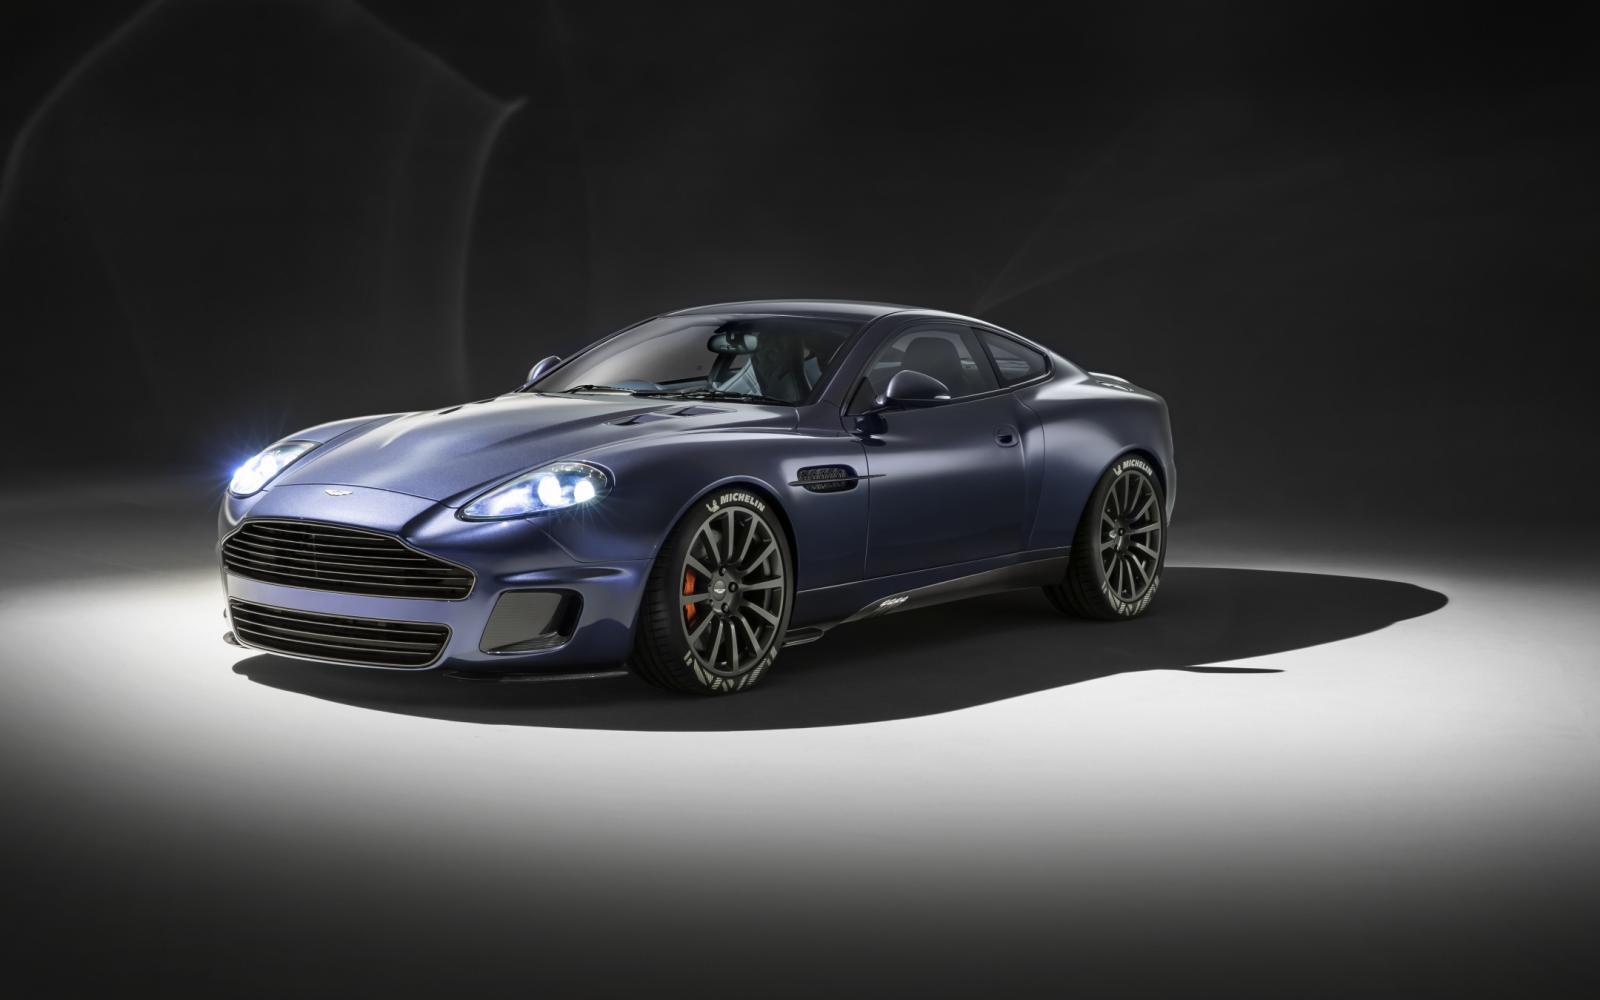 Waarom hertekende Ian Callum 'zijn' Aston Martin Vanquish?